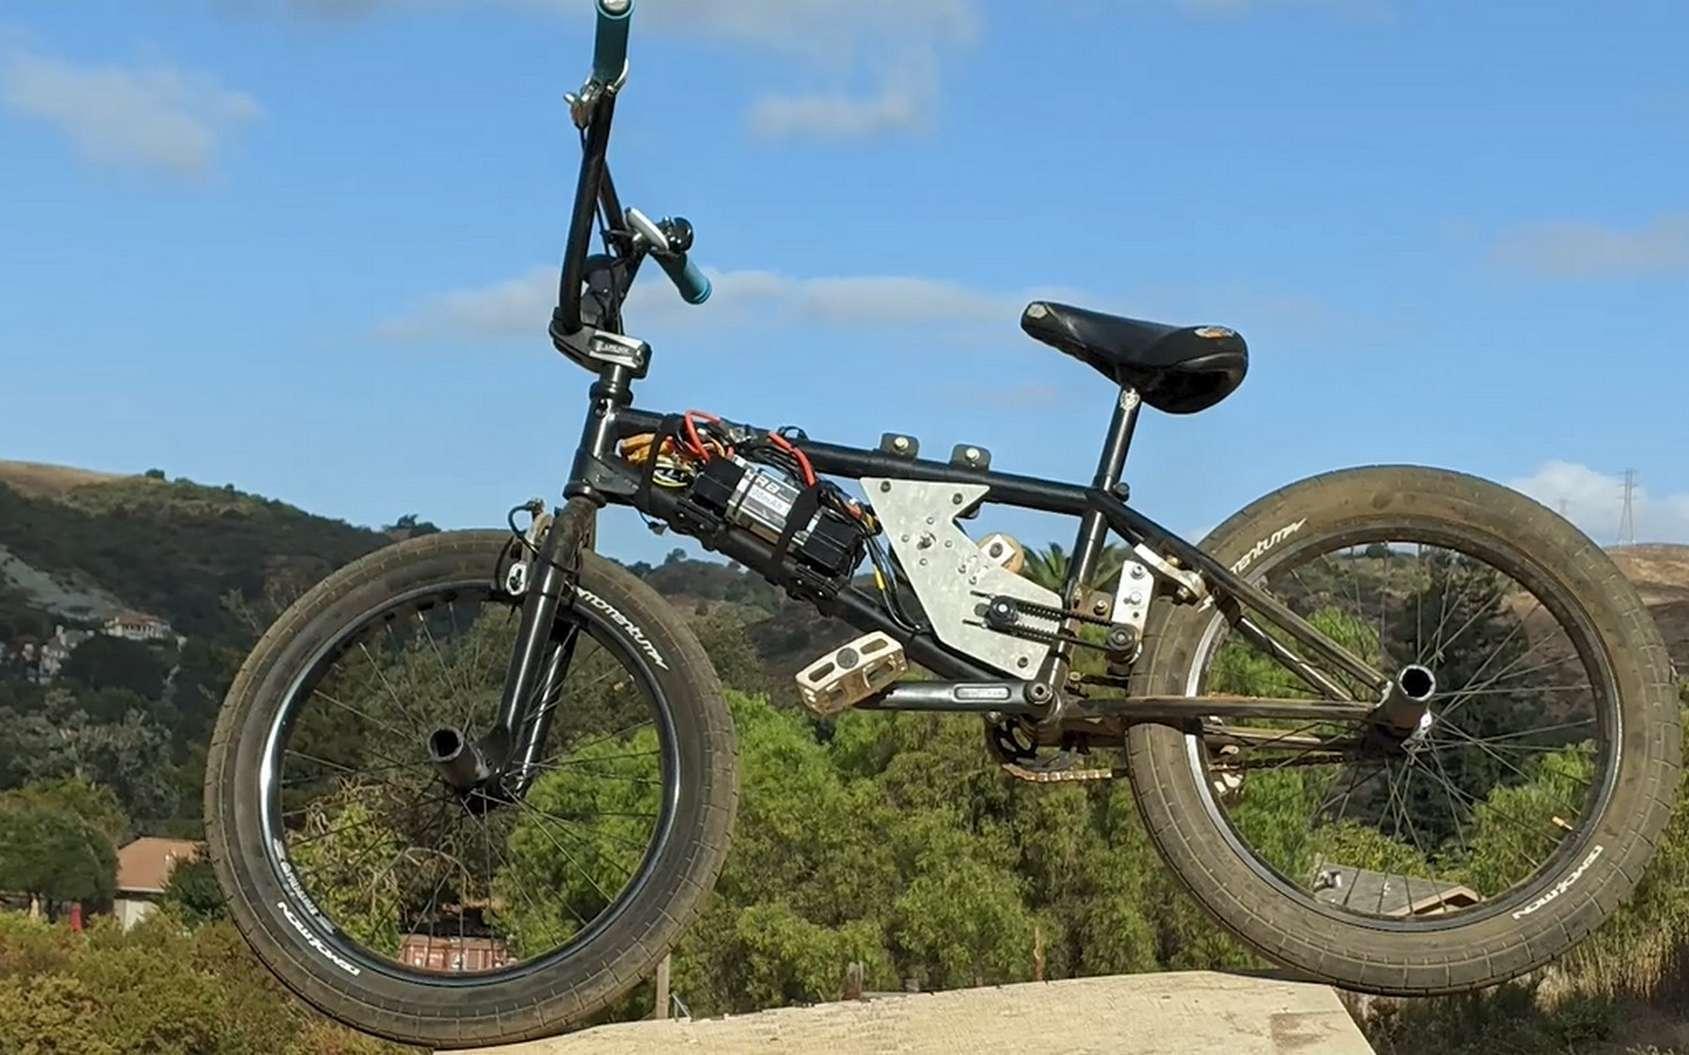 Le BMX électrique conçu par Shea Nyquist. © Shea Nyquist